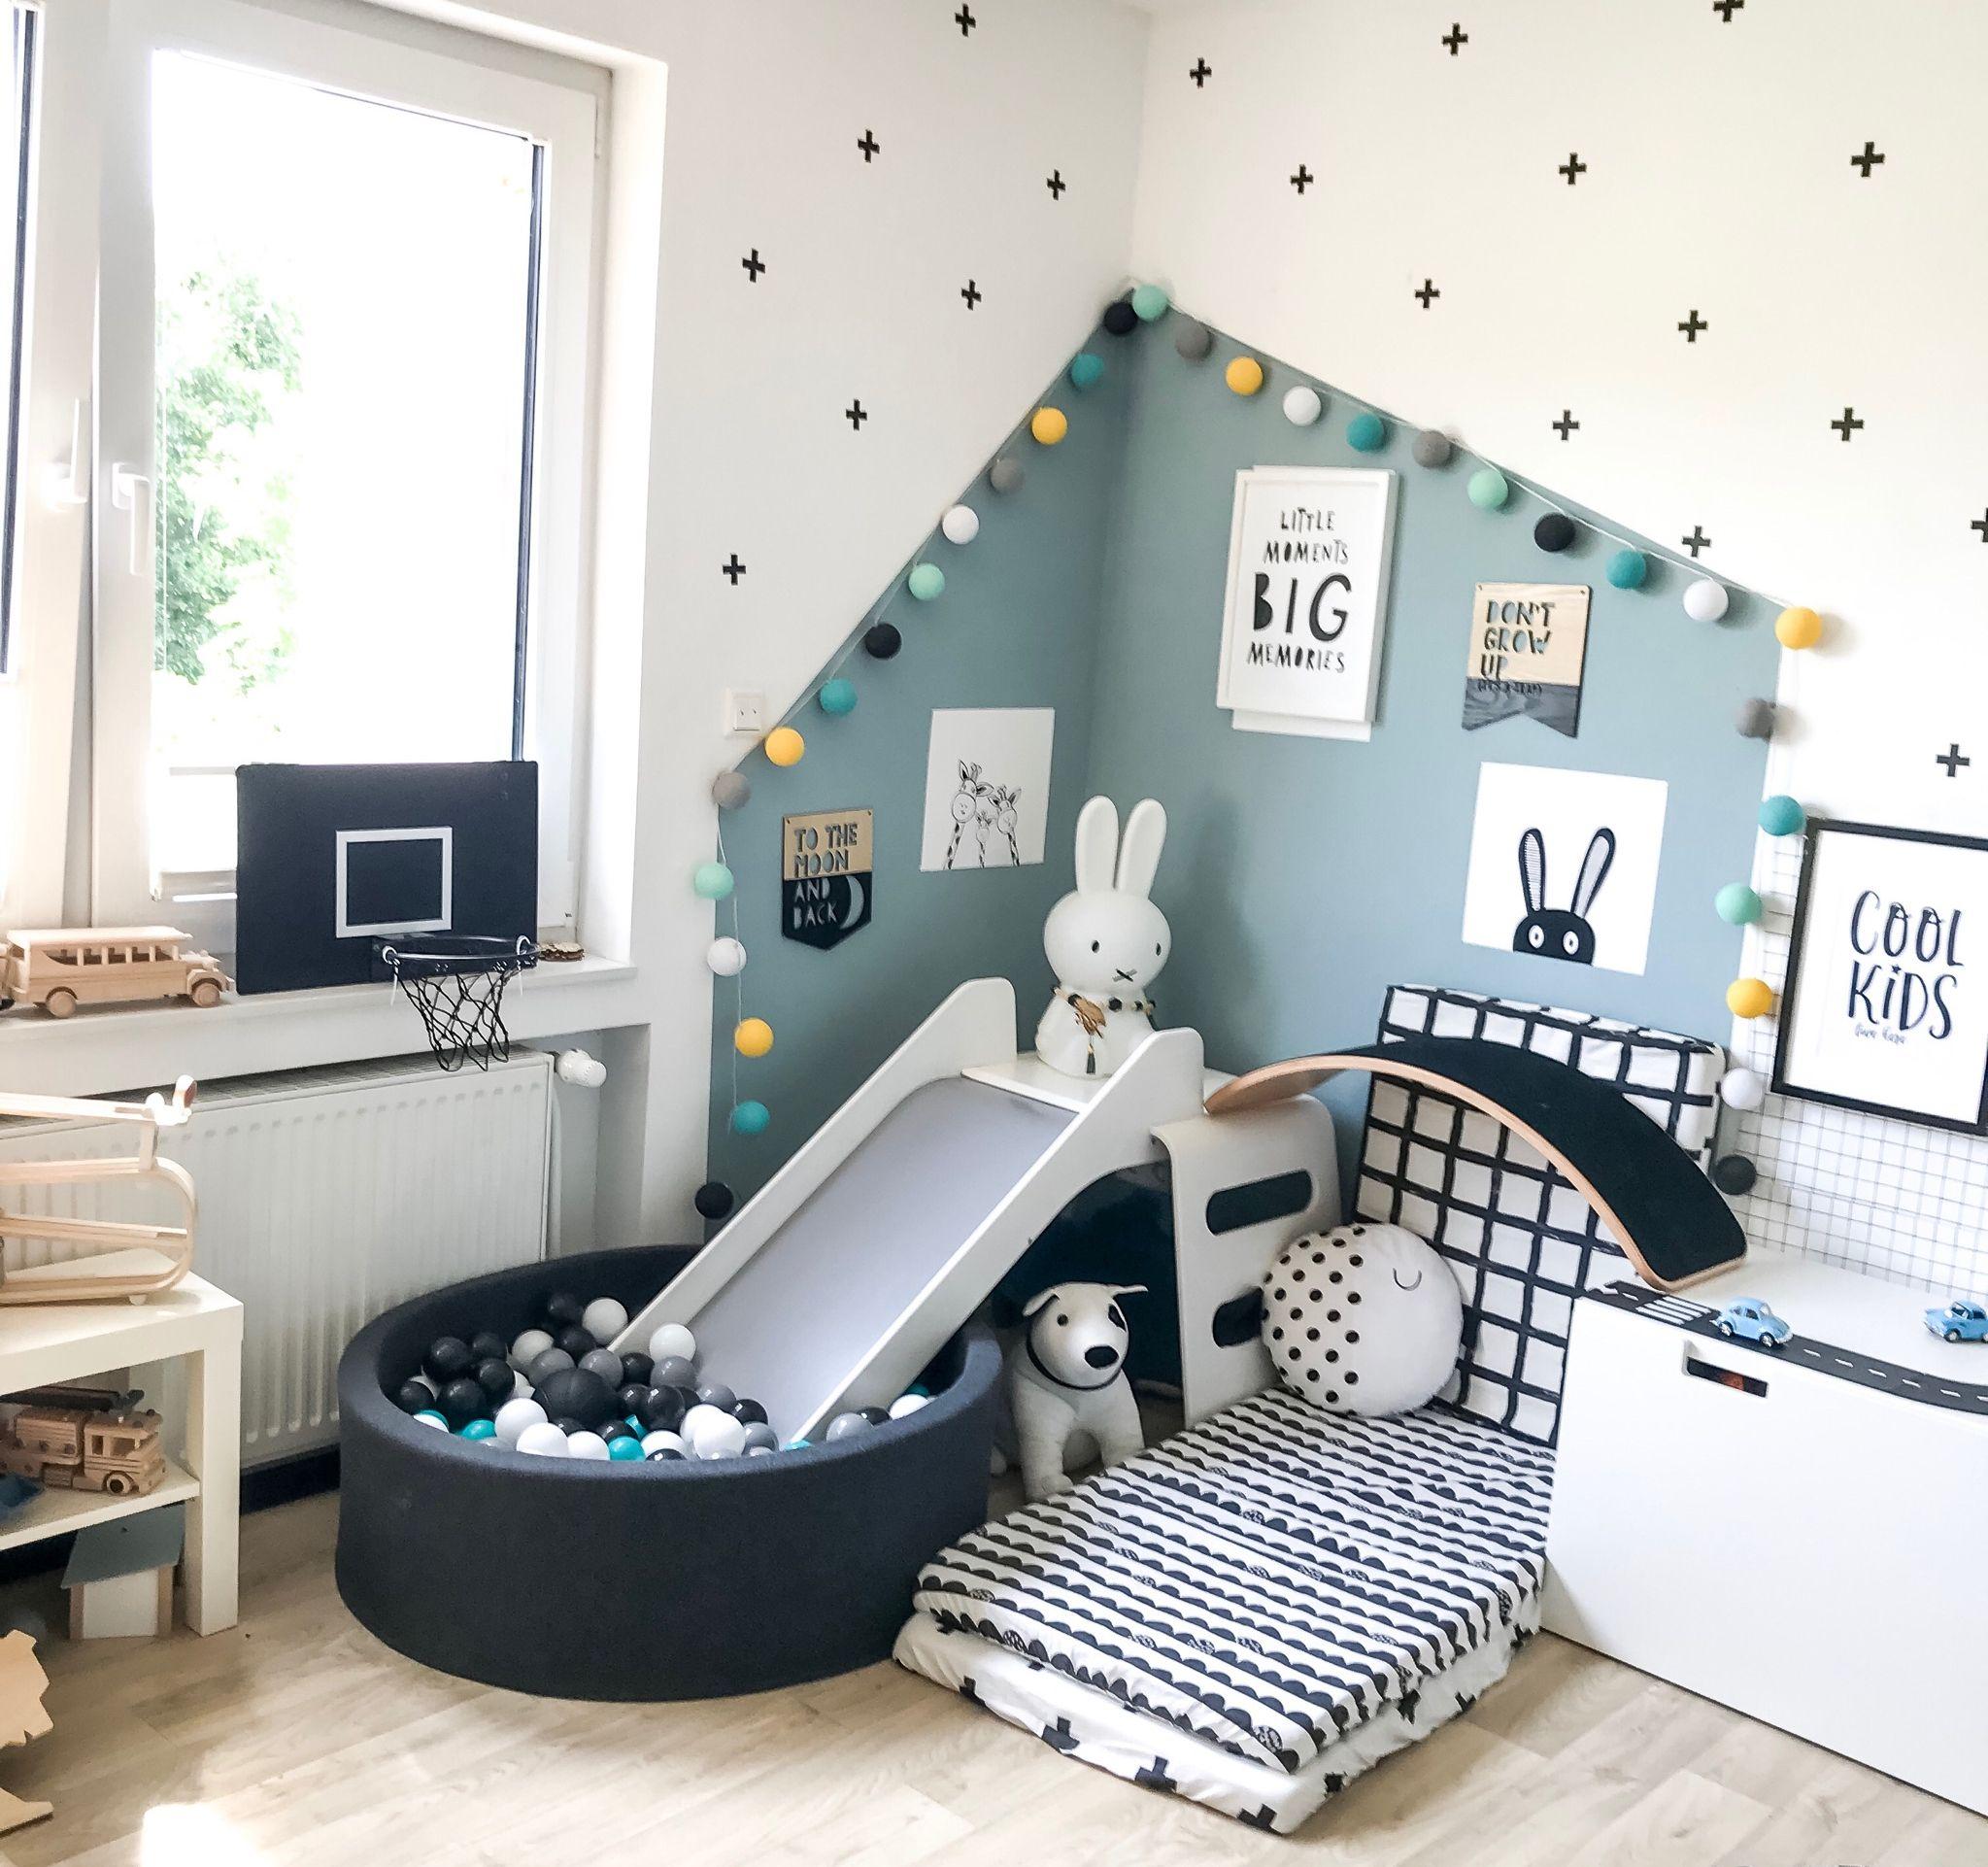 Çocuk Odaları için Yaratıcı Çözümler